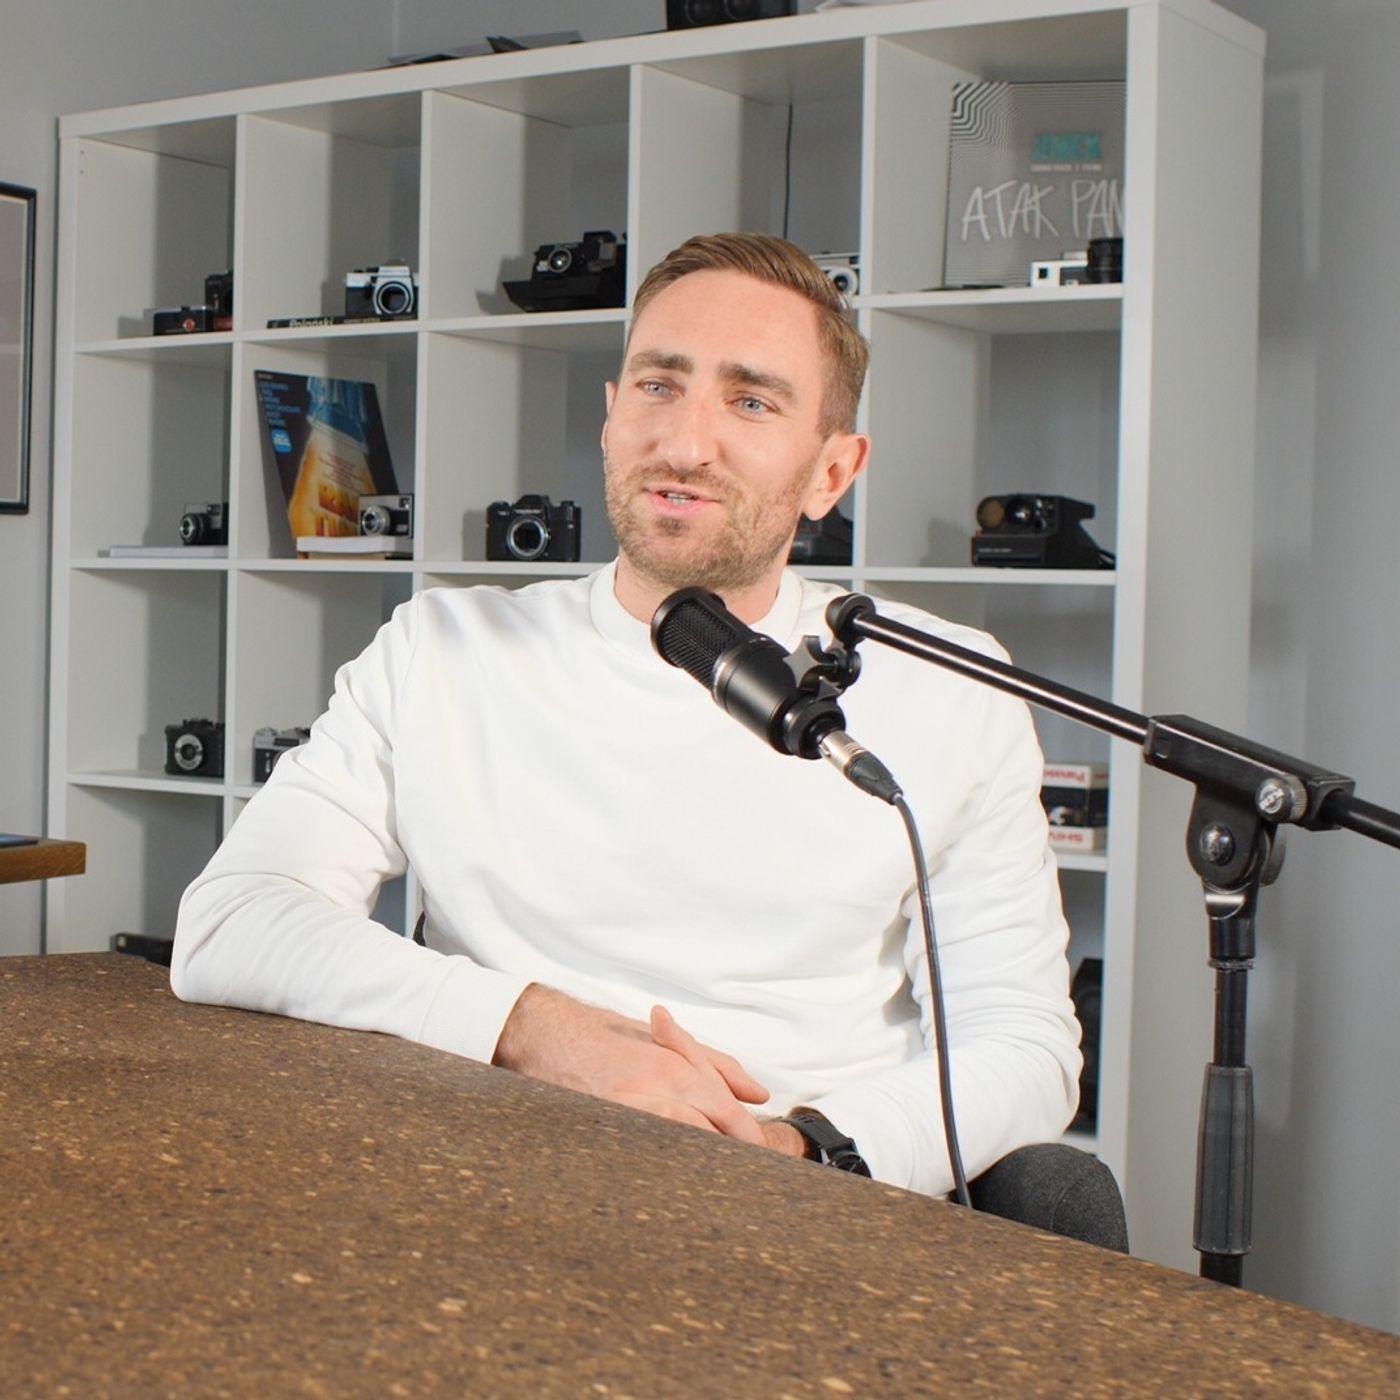 #6 Łukasz Jakóbiak - youtuber, mówca inspiracyjny, człowiek świadomy